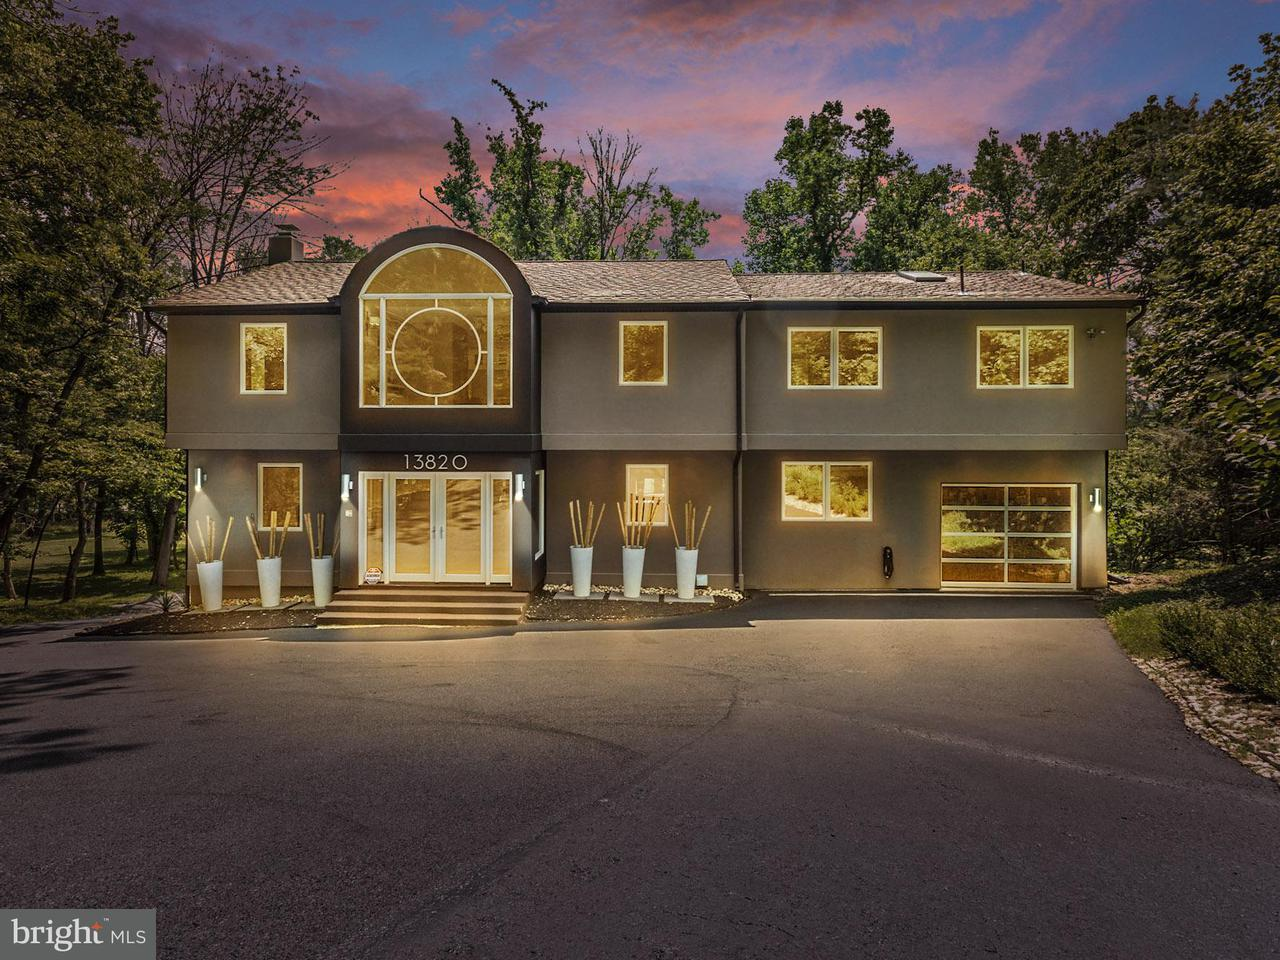 단독 가정 주택 용 매매 에 13820 Piscataway Drive 13820 Piscataway Drive Fort Washington, 메릴랜드 20744 미국